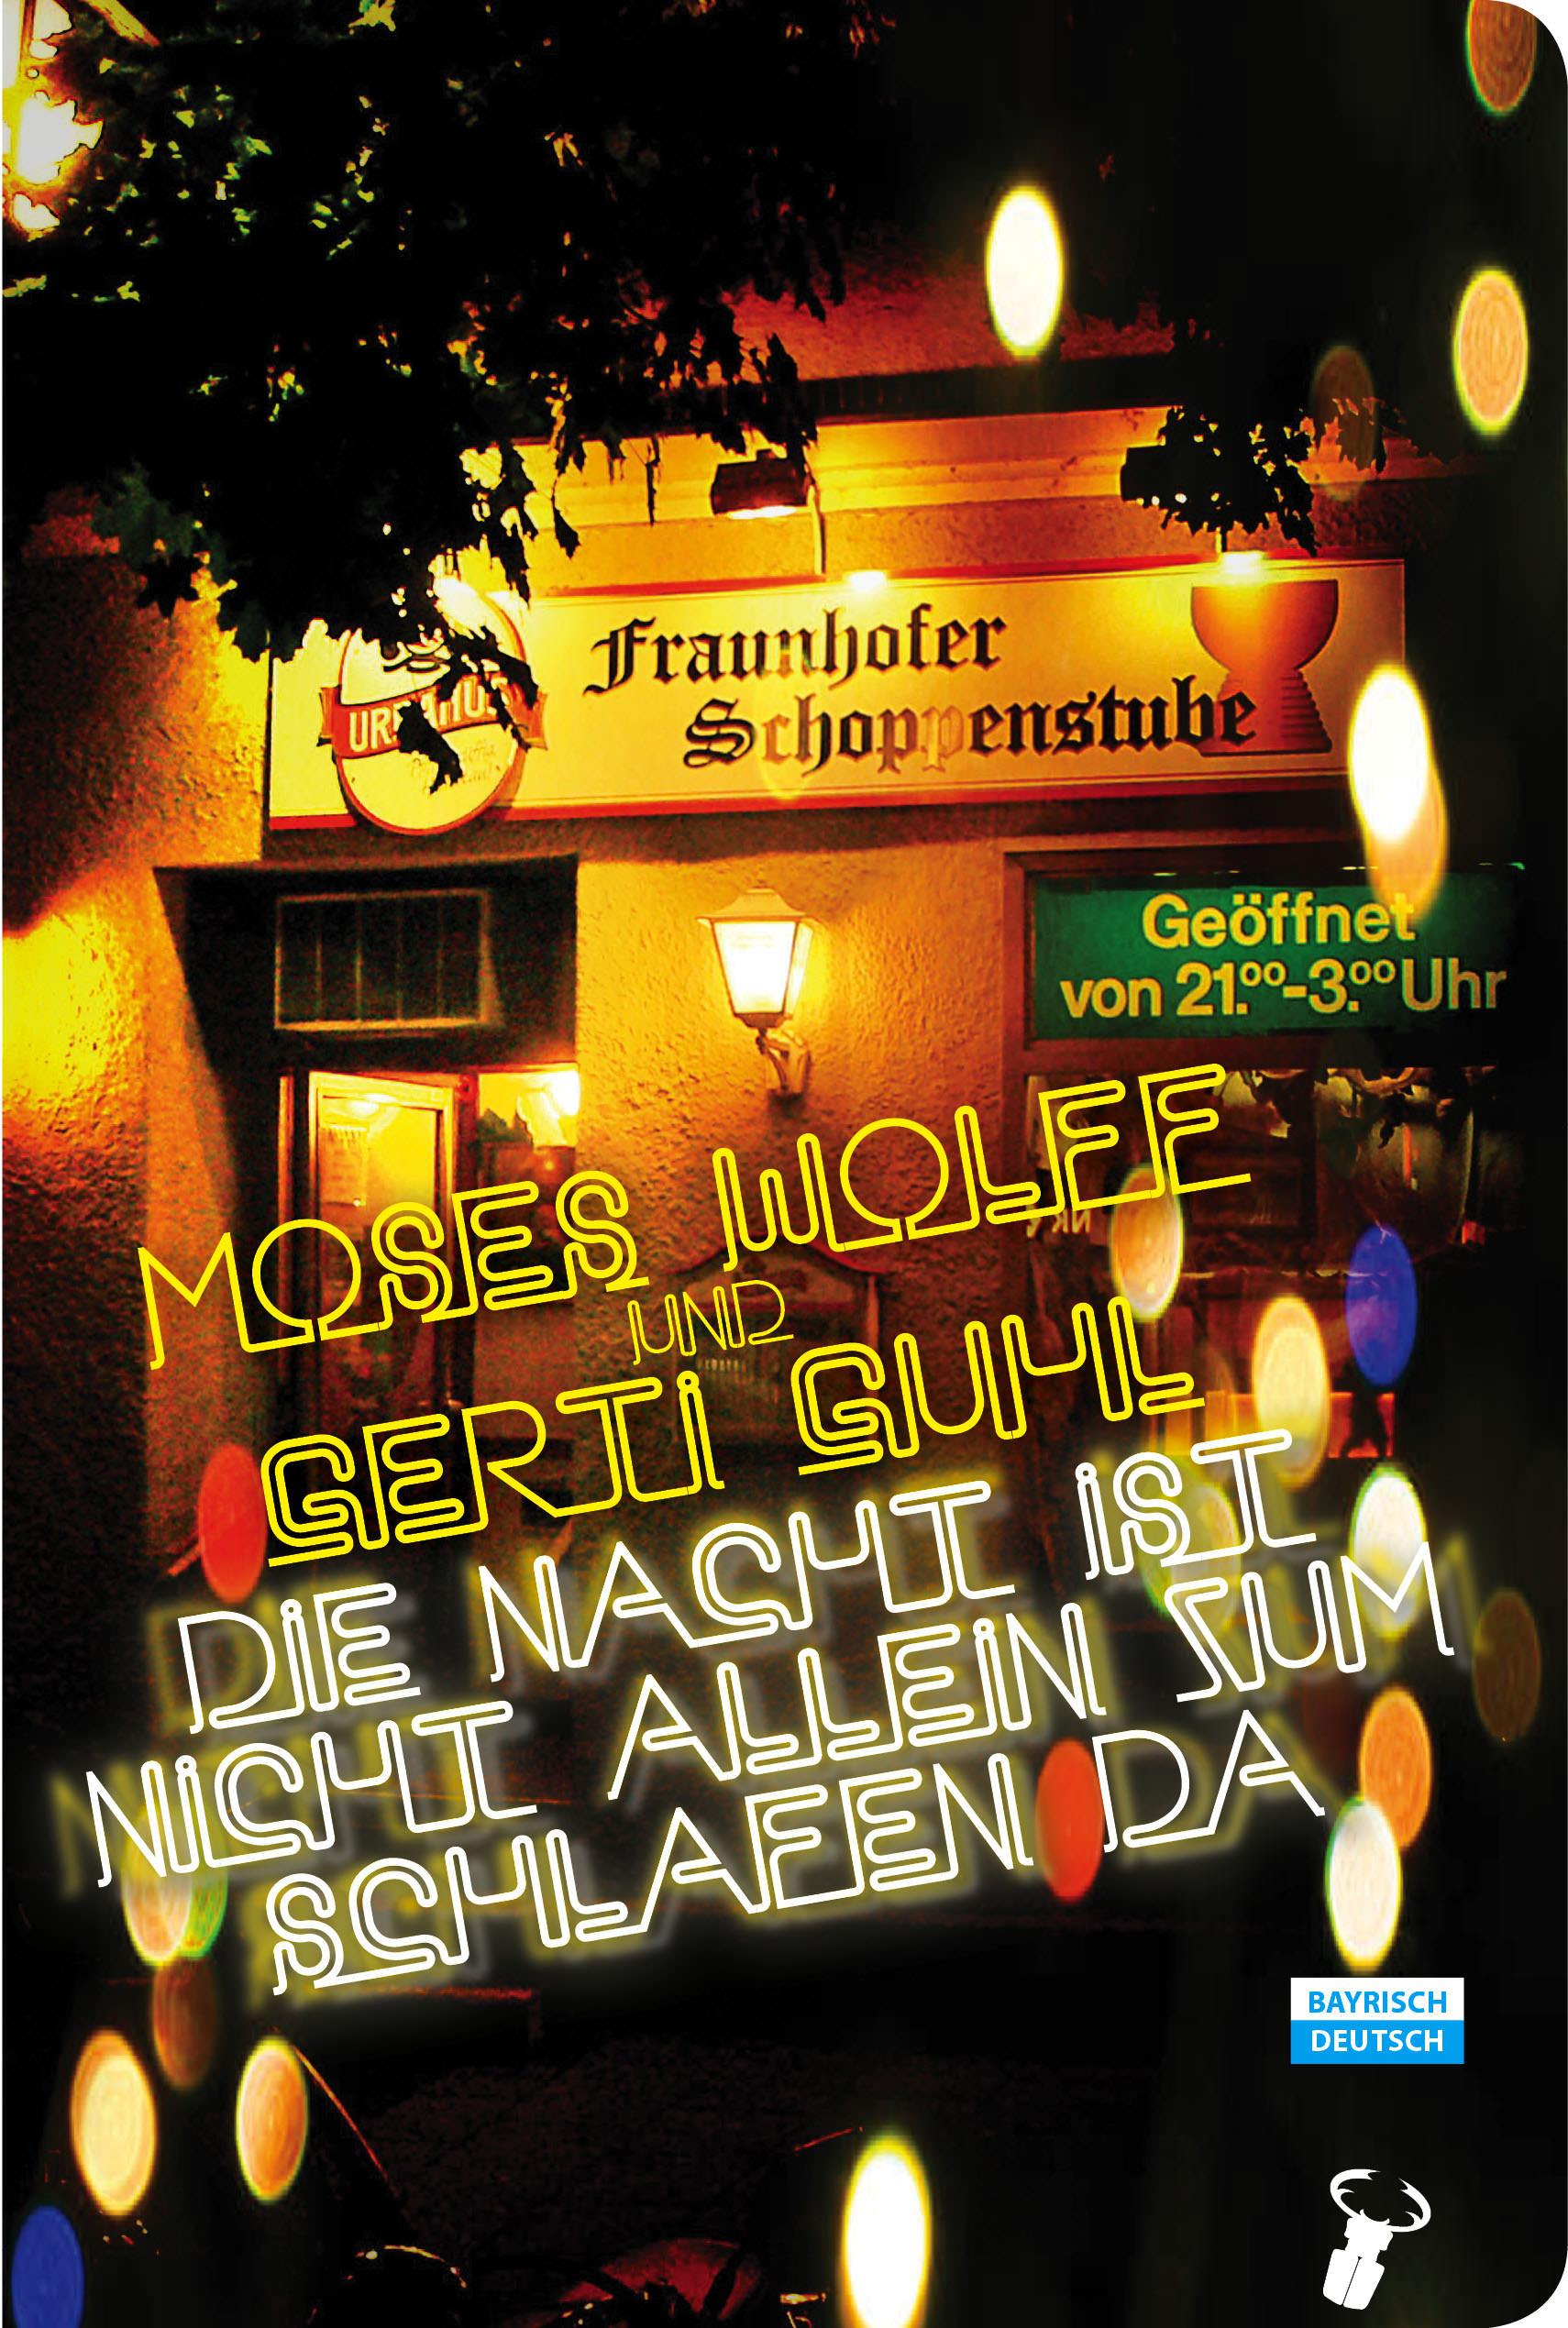 Wolff Moses, Guhl Gerti - Die Nacht ist nicht allein zum Schlafen da!